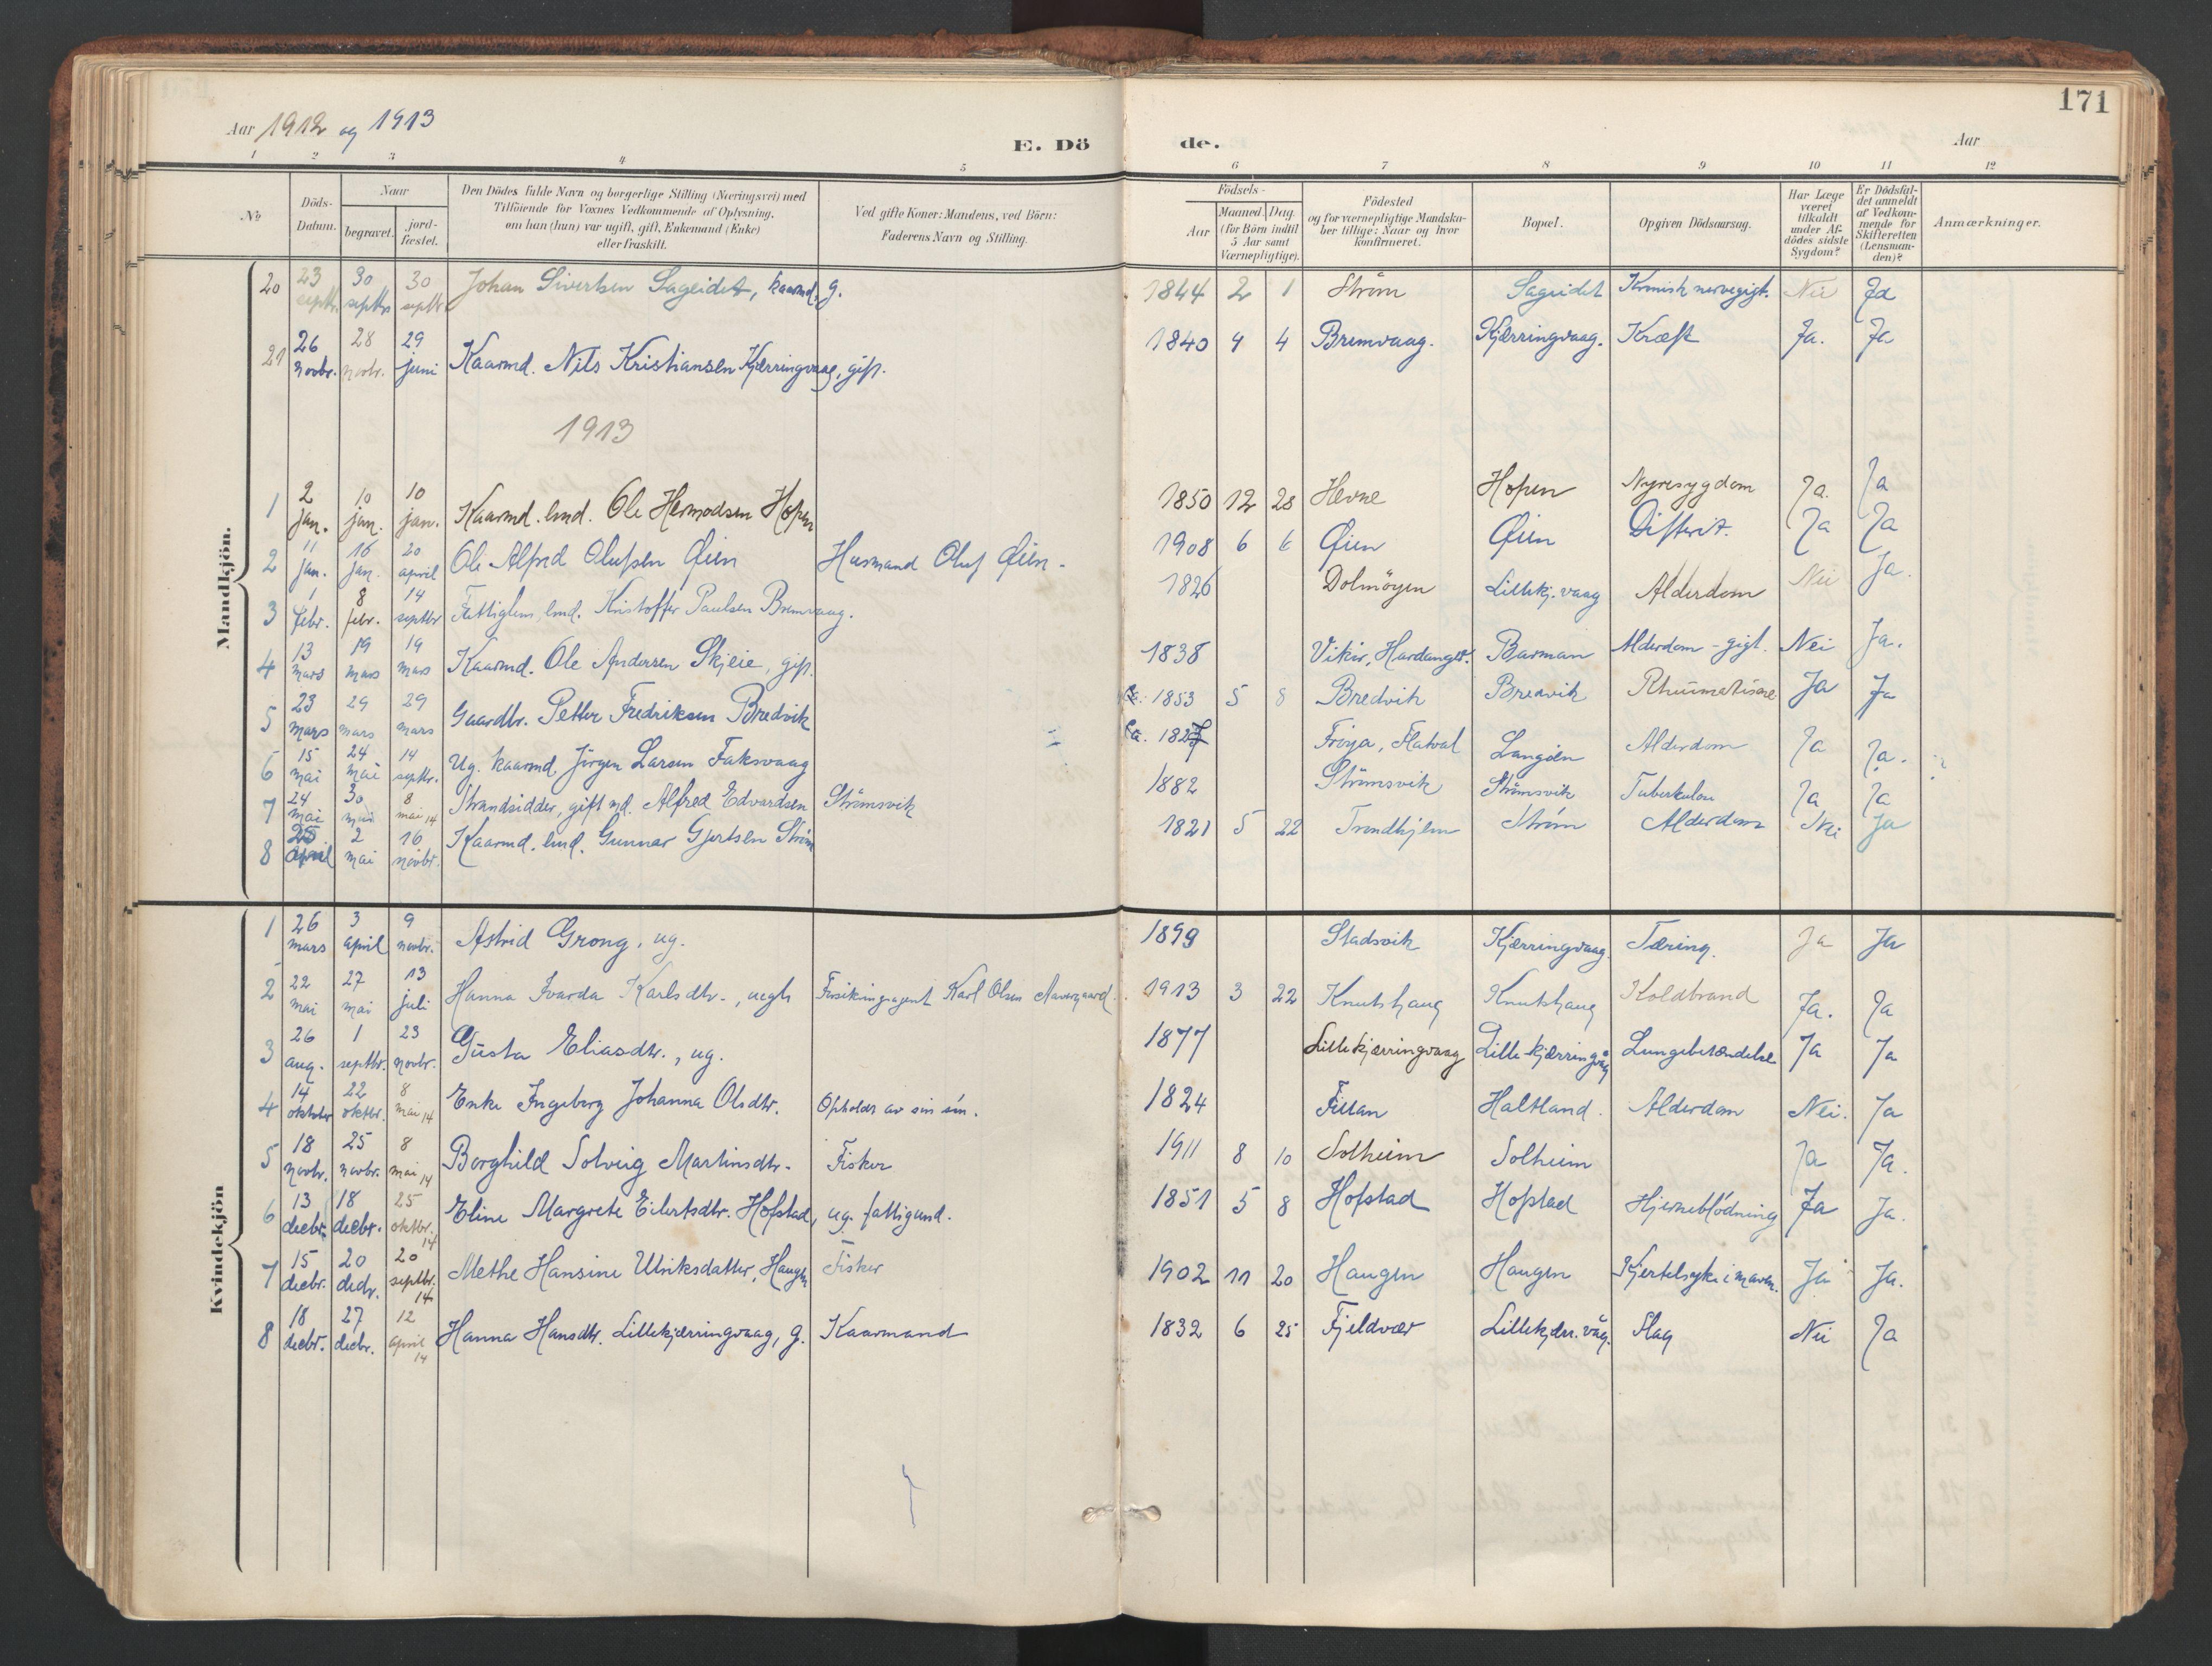 SAT, Ministerialprotokoller, klokkerbøker og fødselsregistre - Sør-Trøndelag, 634/L0537: Ministerialbok nr. 634A13, 1896-1922, s. 171